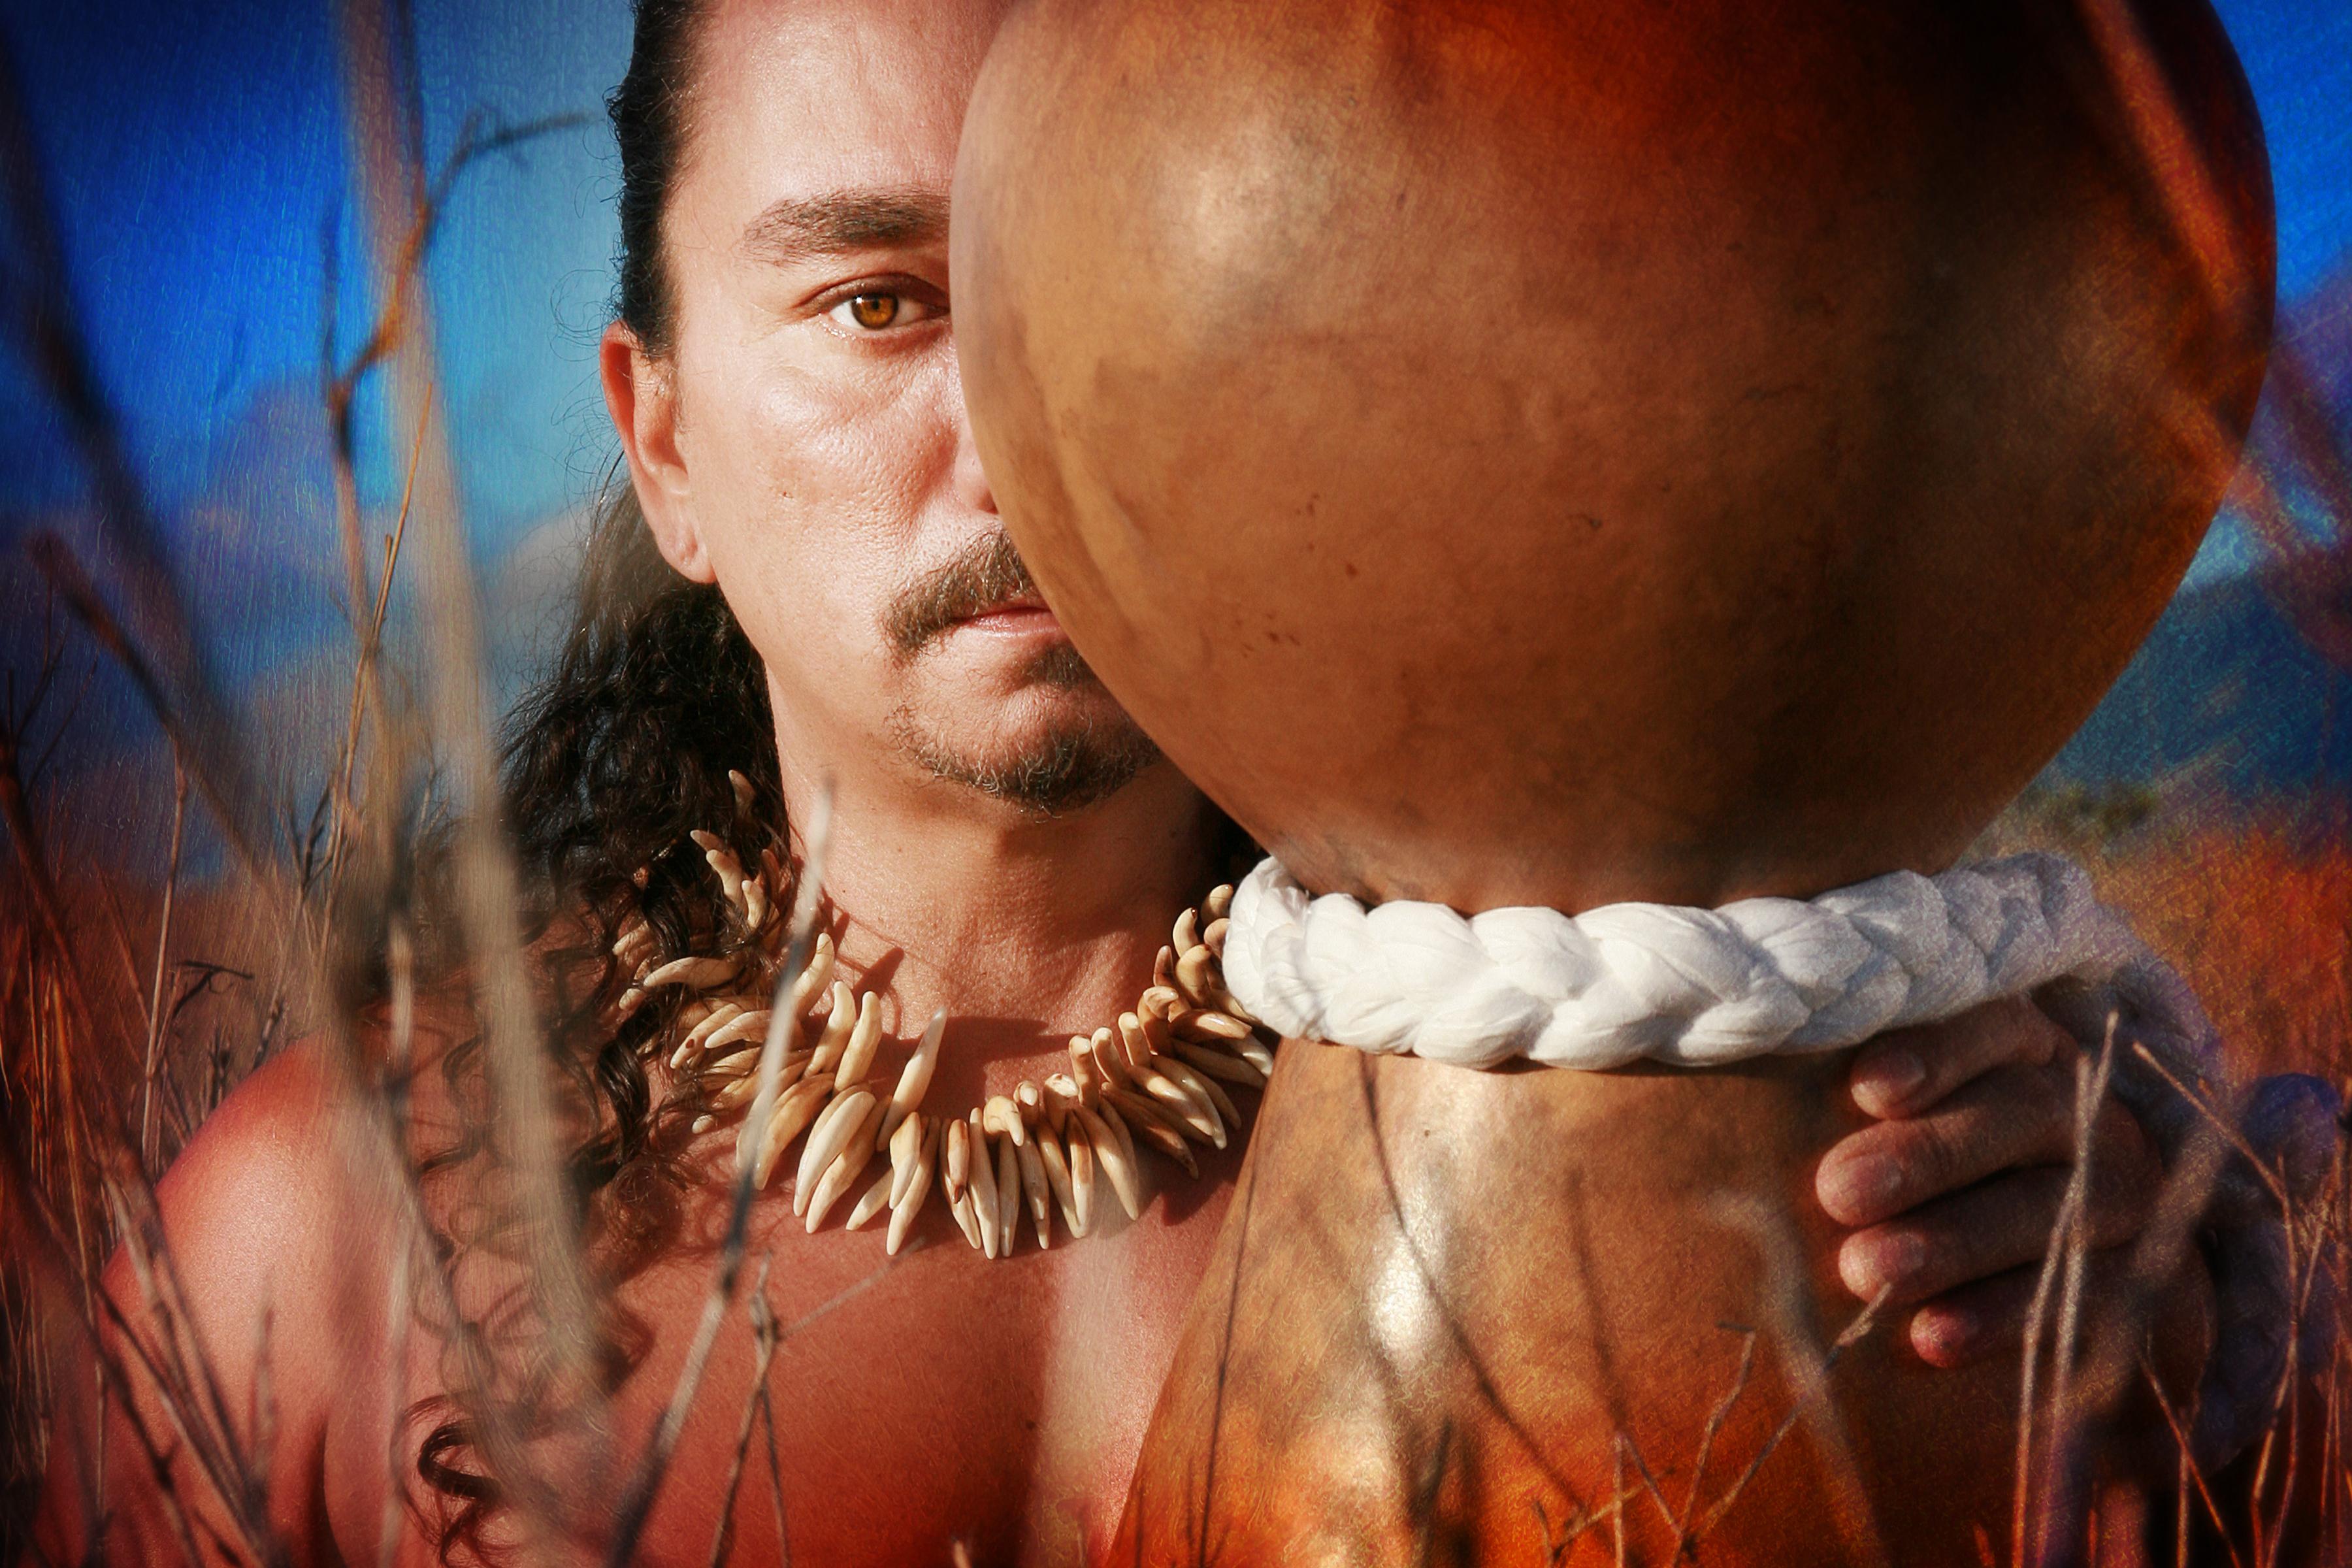 Keali'i Reichel's Final Kūkahi This Weekend with Hālau Ke'alaokamaile